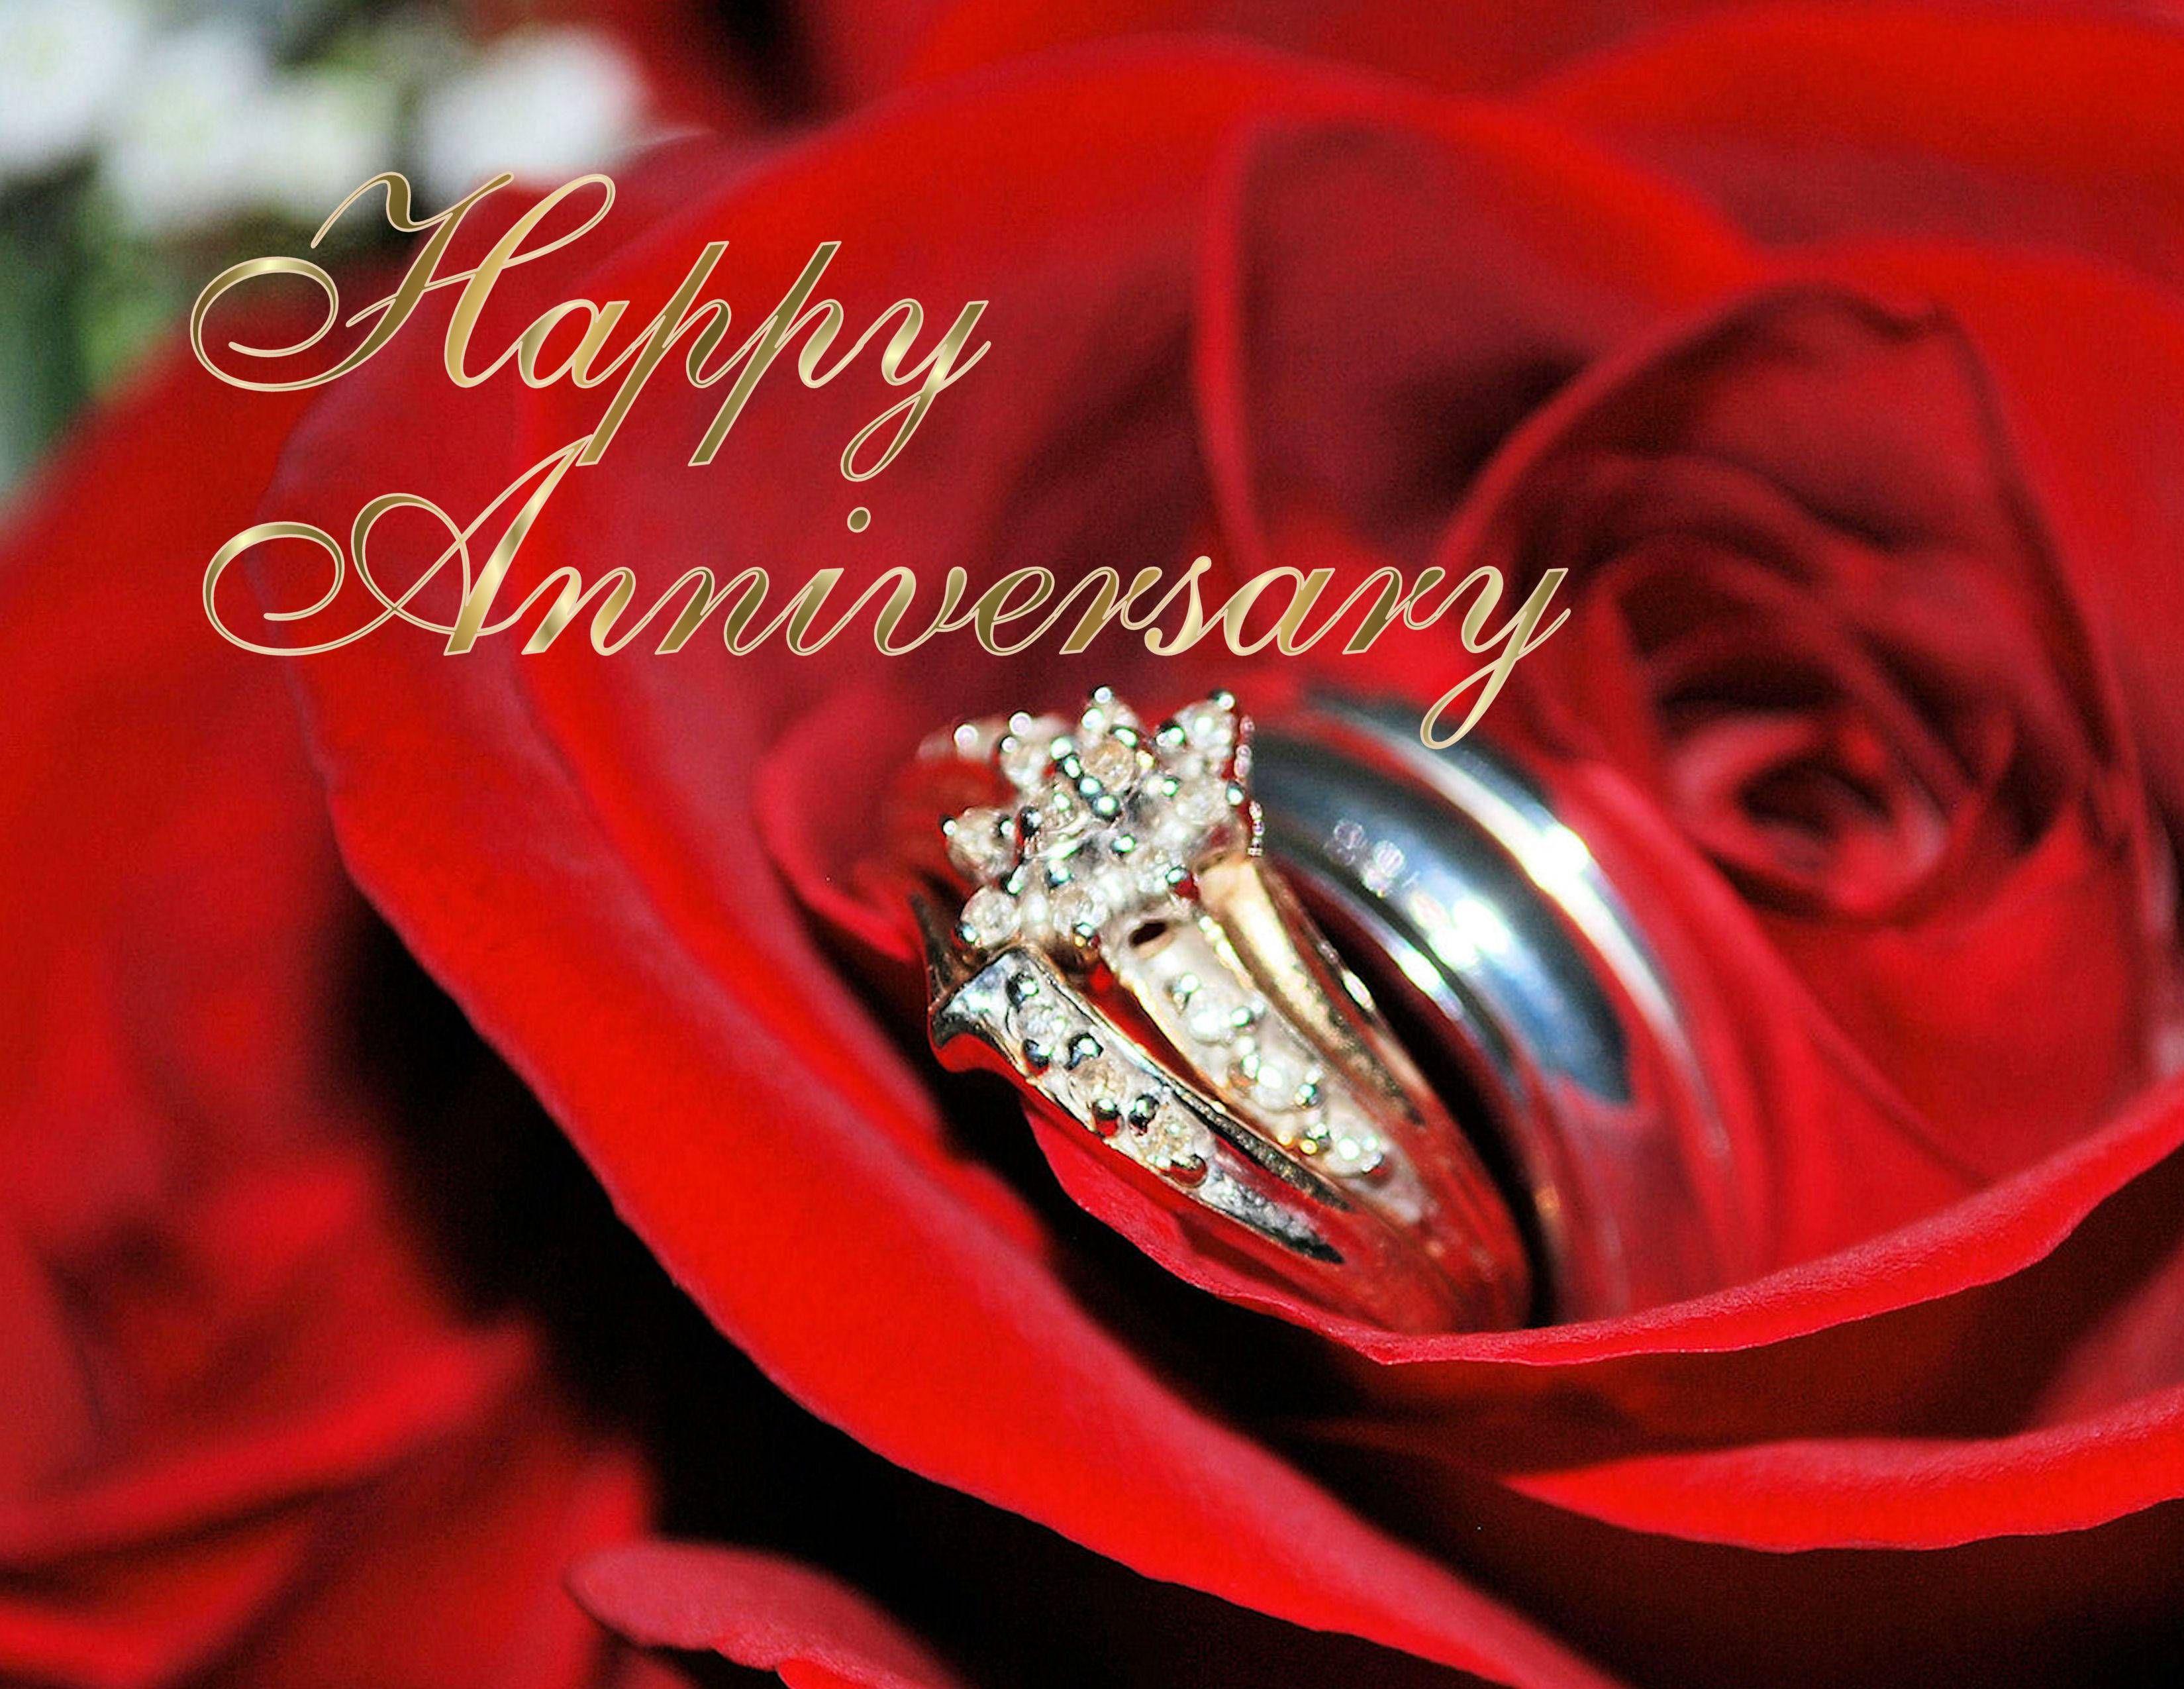 Happy Anniversary Images Happy Anniversary Images Animated Happy 7th Anniversar Wedding Anniversary Wishes Happy Anniversary My Love Happy Marriage Anniversary